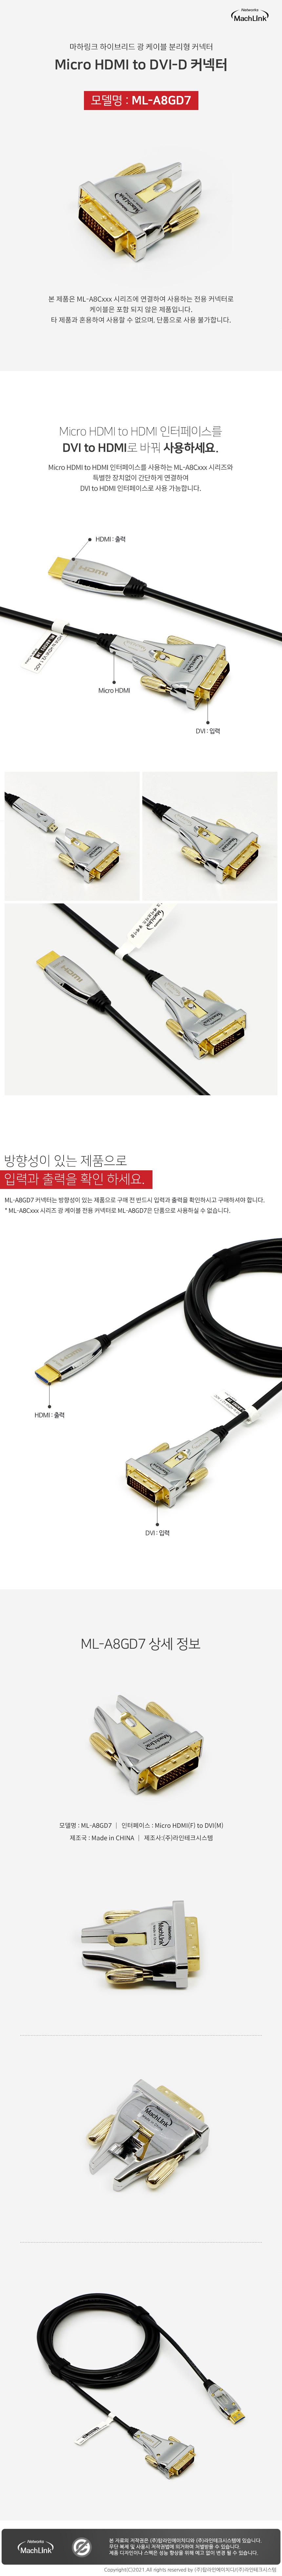 마하링크 ML-A8GD7 Micro HDMI to DVI-D 커넥터 젠더